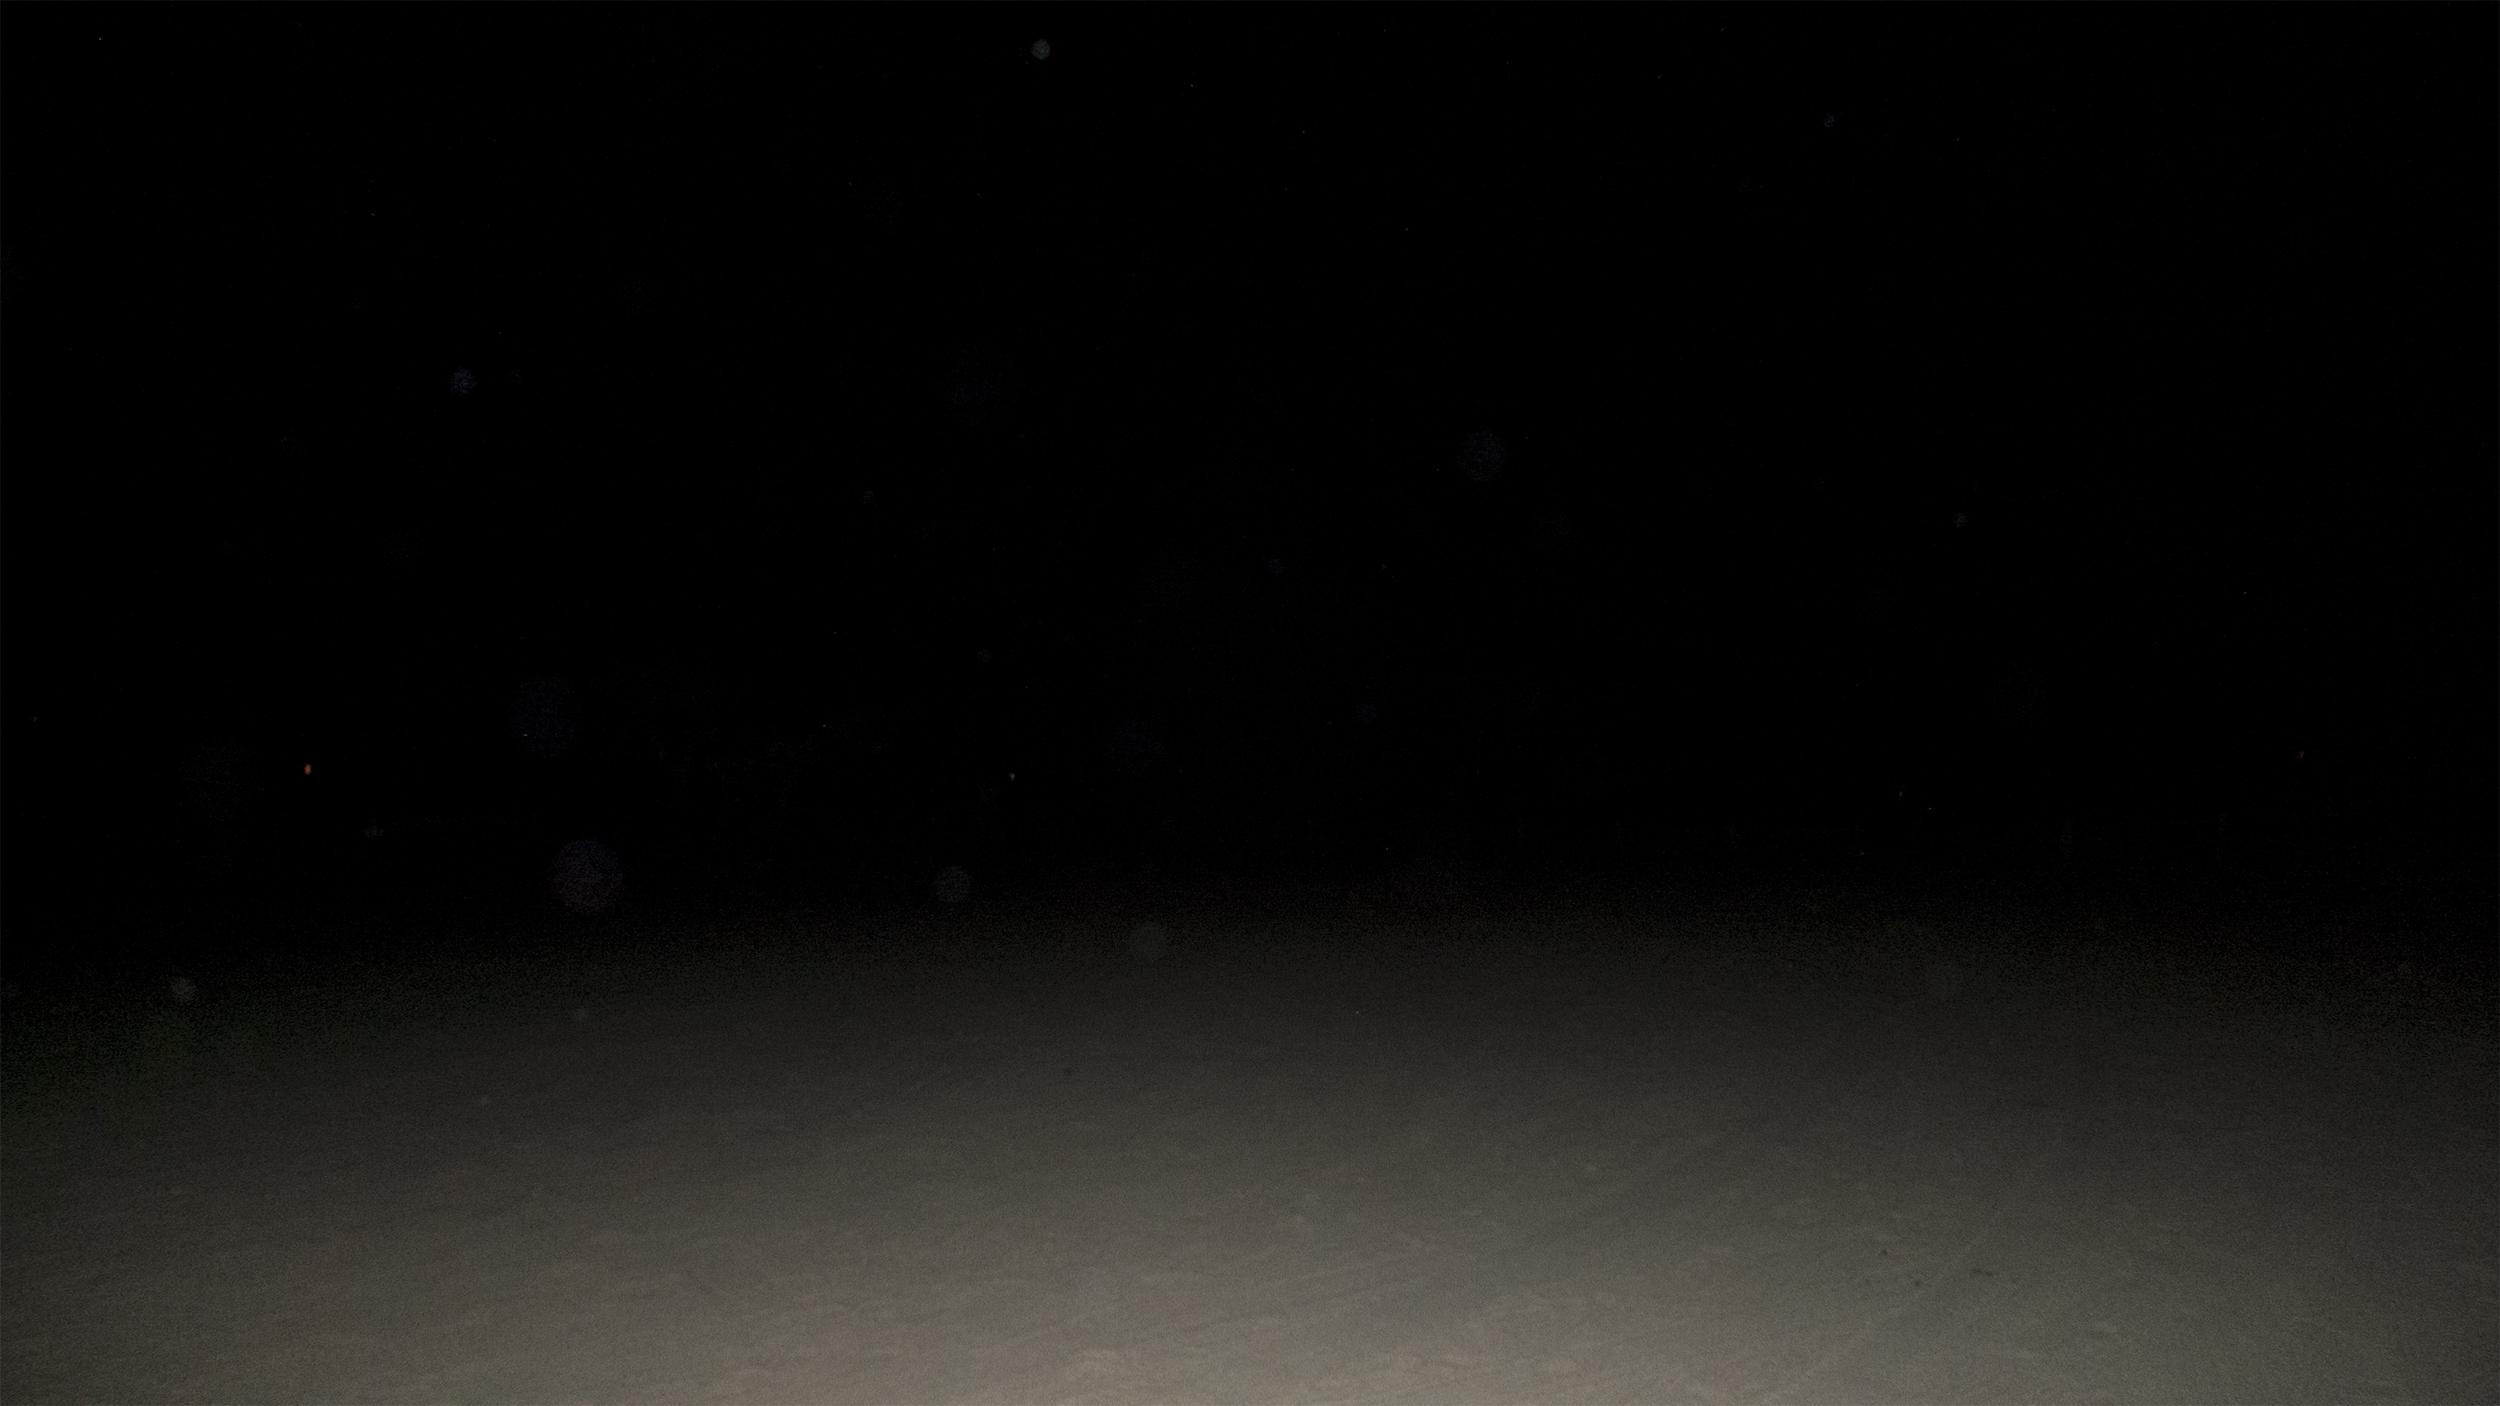 blacksand11x14.jpg